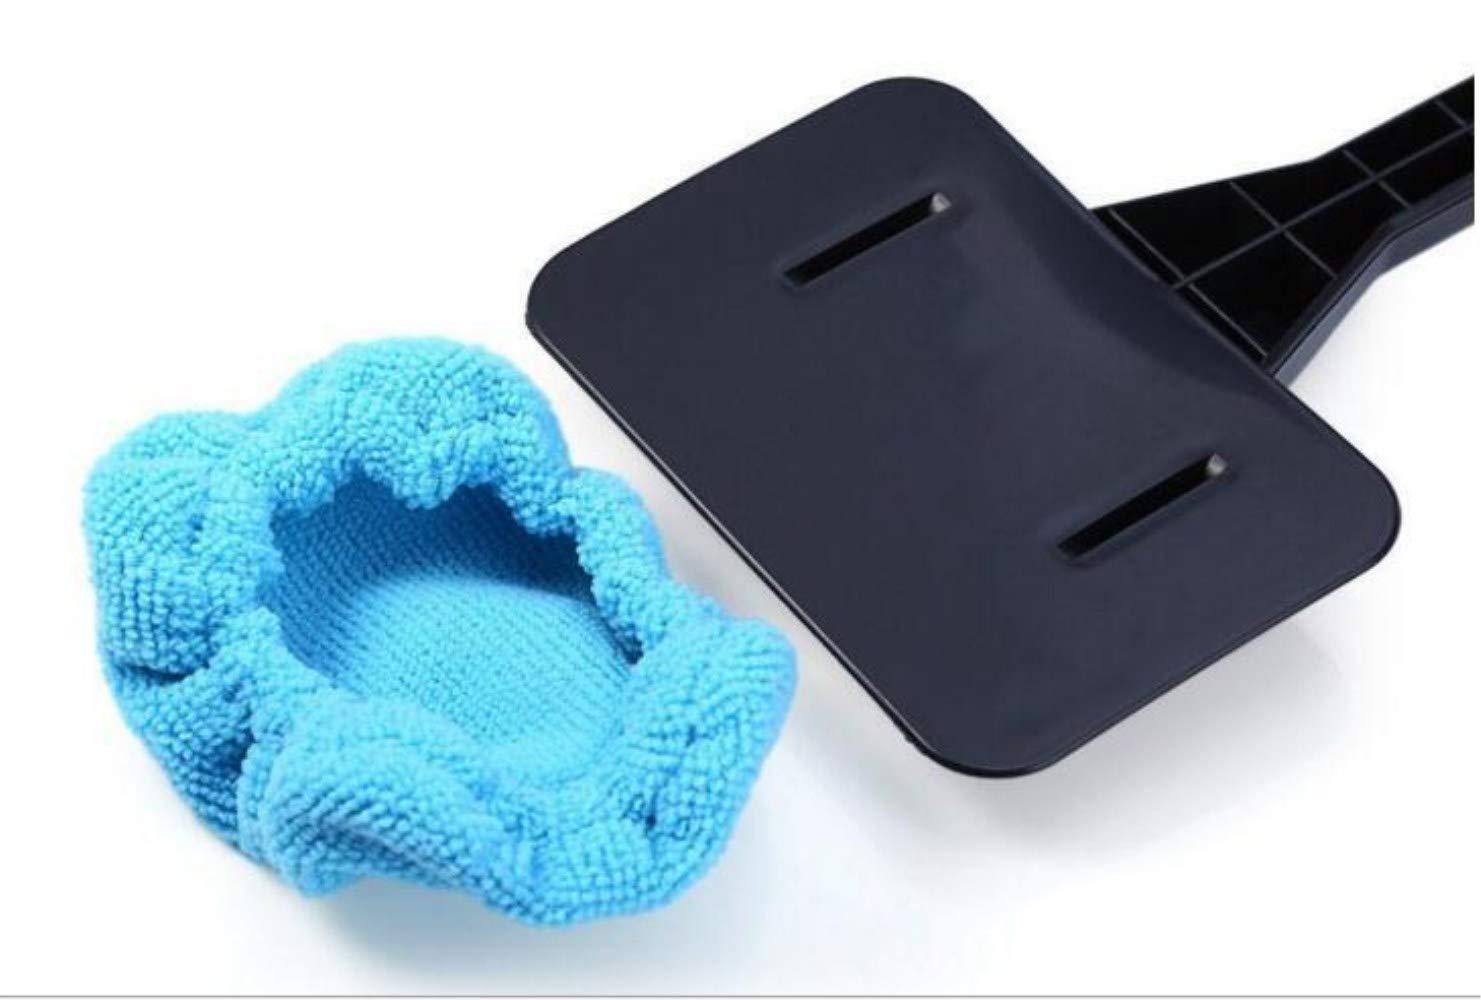 KJLM Spazzolino per la pulizia del parabrezza per auto Finestra in microfibra Raschiatore per manico nero Strumento per pulizia auto 1 confezione 2 Asciugamani rosso